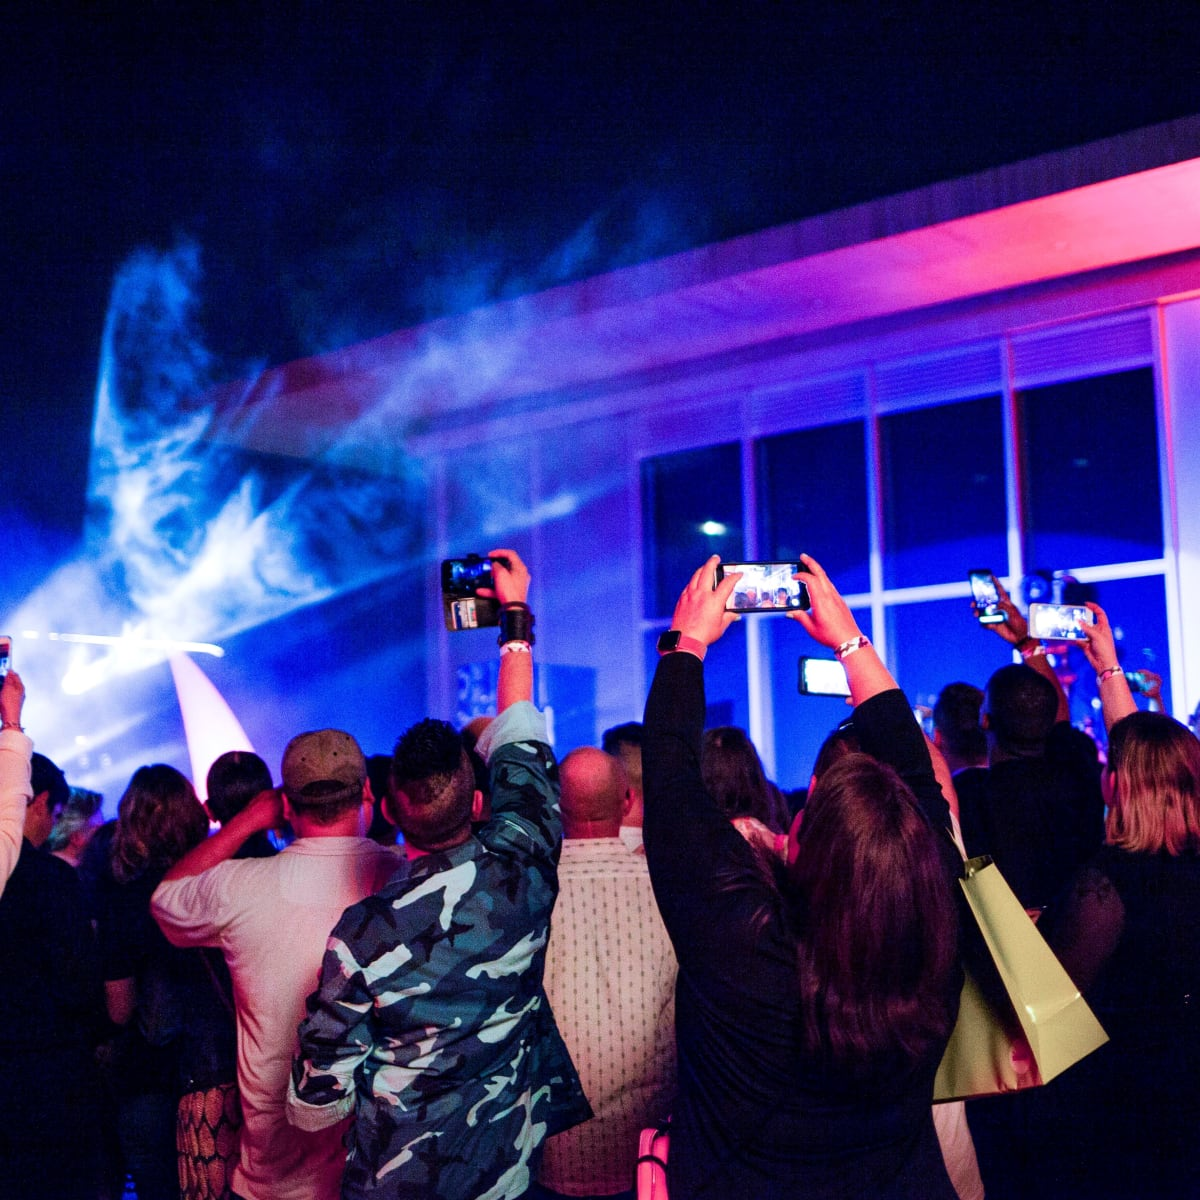 Takashi Murakami party, Modern Art Museum of Fort Worth